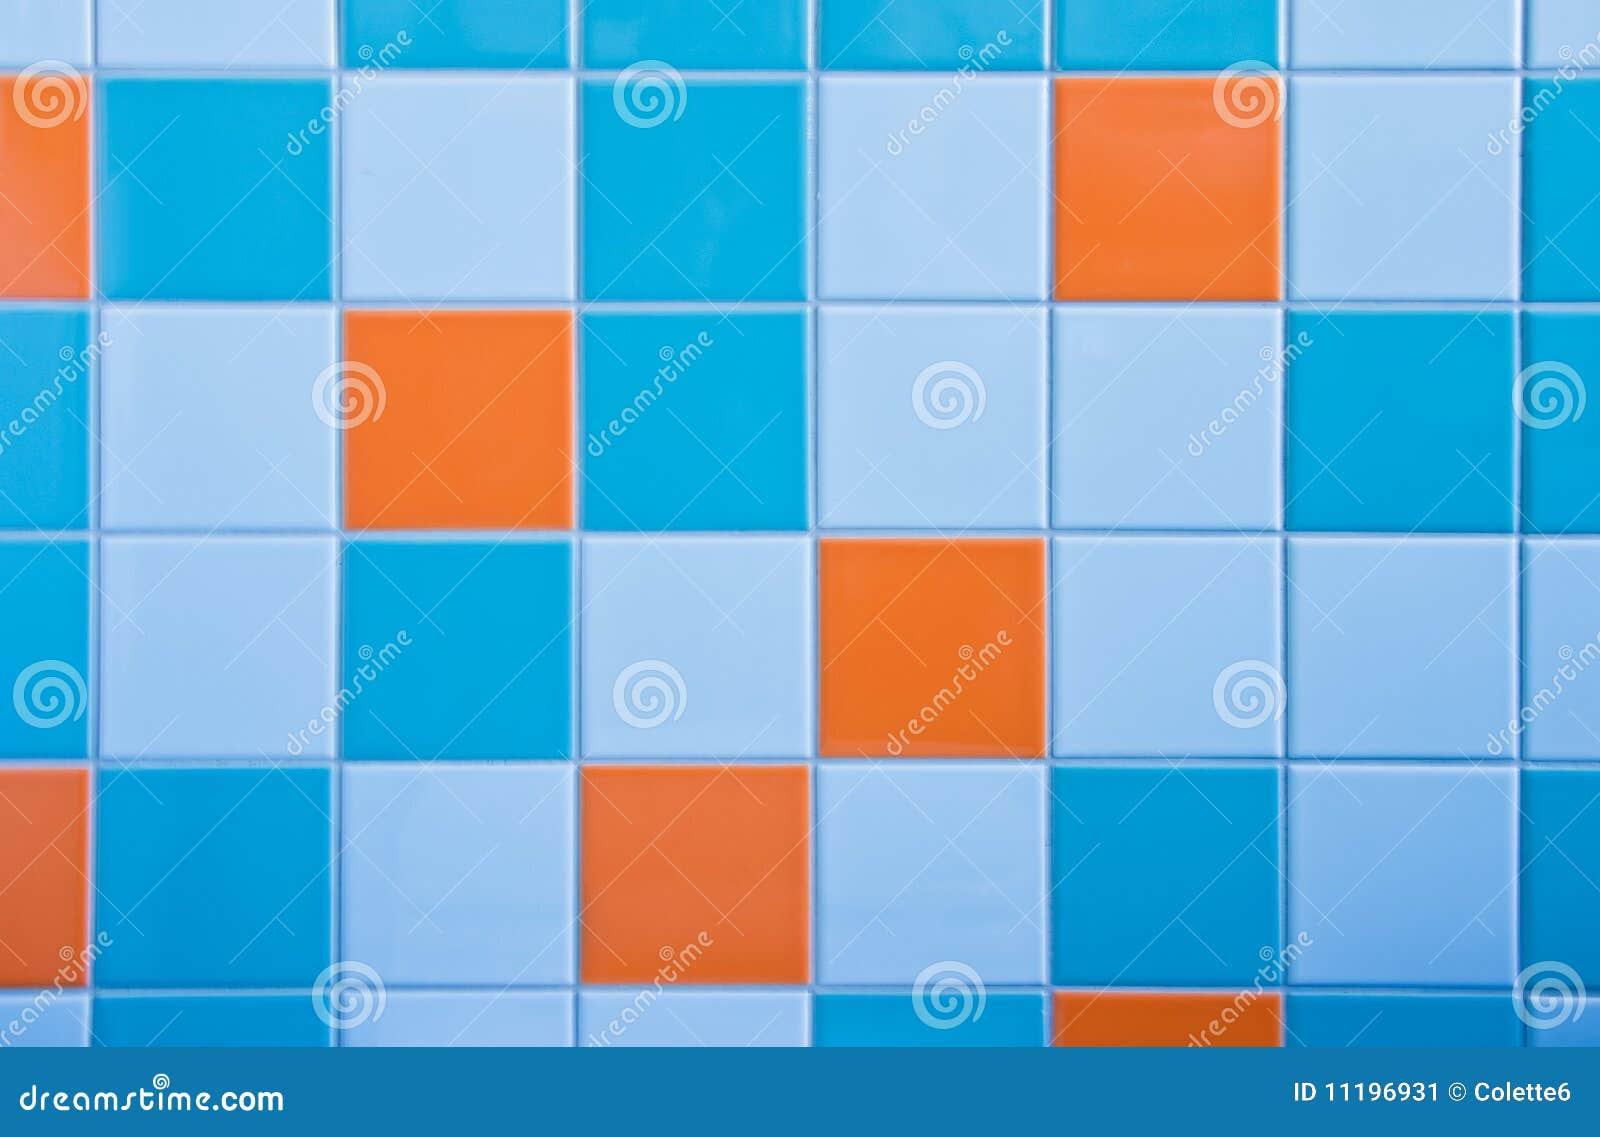 ... Afbeelding: Tegels op muur in lichtblauwe, azuurblauwe blauw en oranje